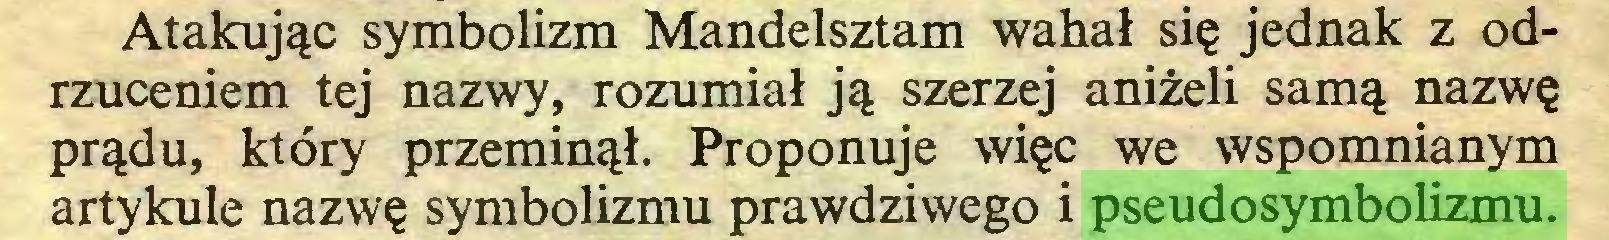 (...) Atakując symbolizm Mandelsztam wahał się jednak z odrzuceniem tej nazwy, rozumiał ją szerzej aniżeli samą nazwę prądu, który przeminął. Proponuje więc we wspomnianym artykule nazwę symbolizmu prawdziwego i pseudosymbolizmu...